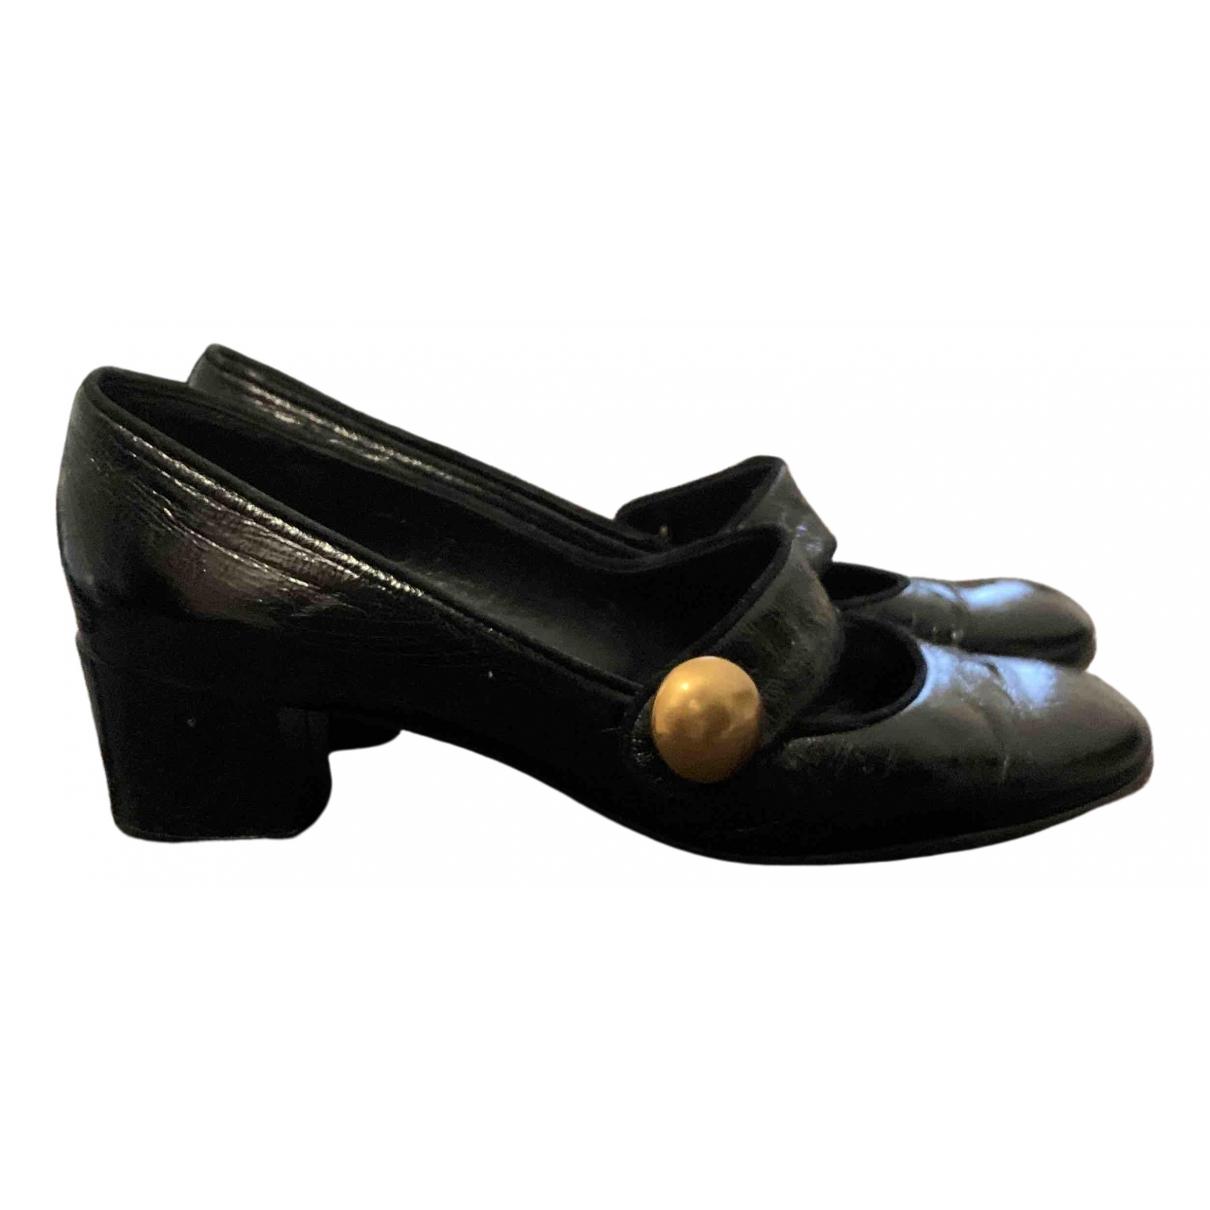 Marc Jacobs - Escarpins   pour femme en cuir verni - noir